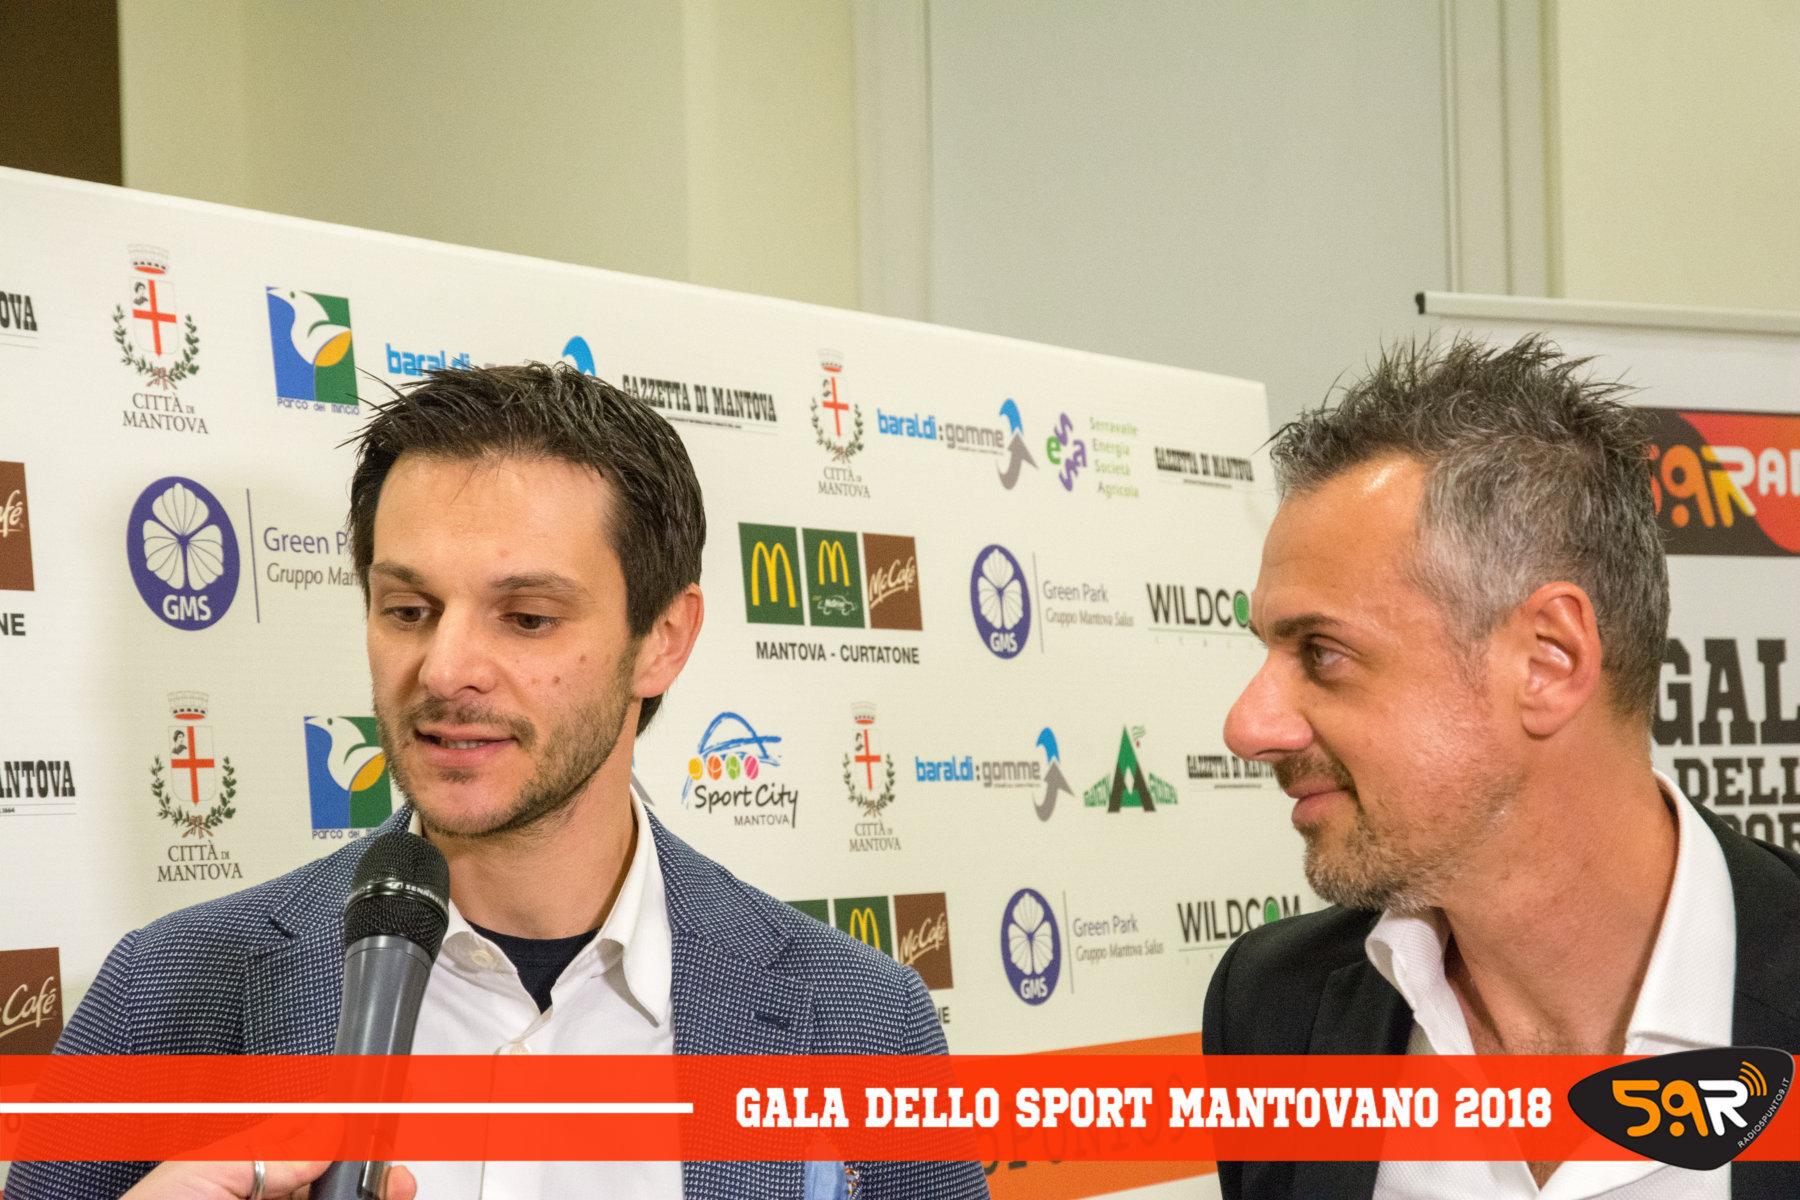 Gala dello Sport Mantovano 2018 Web Radio 5 (44)